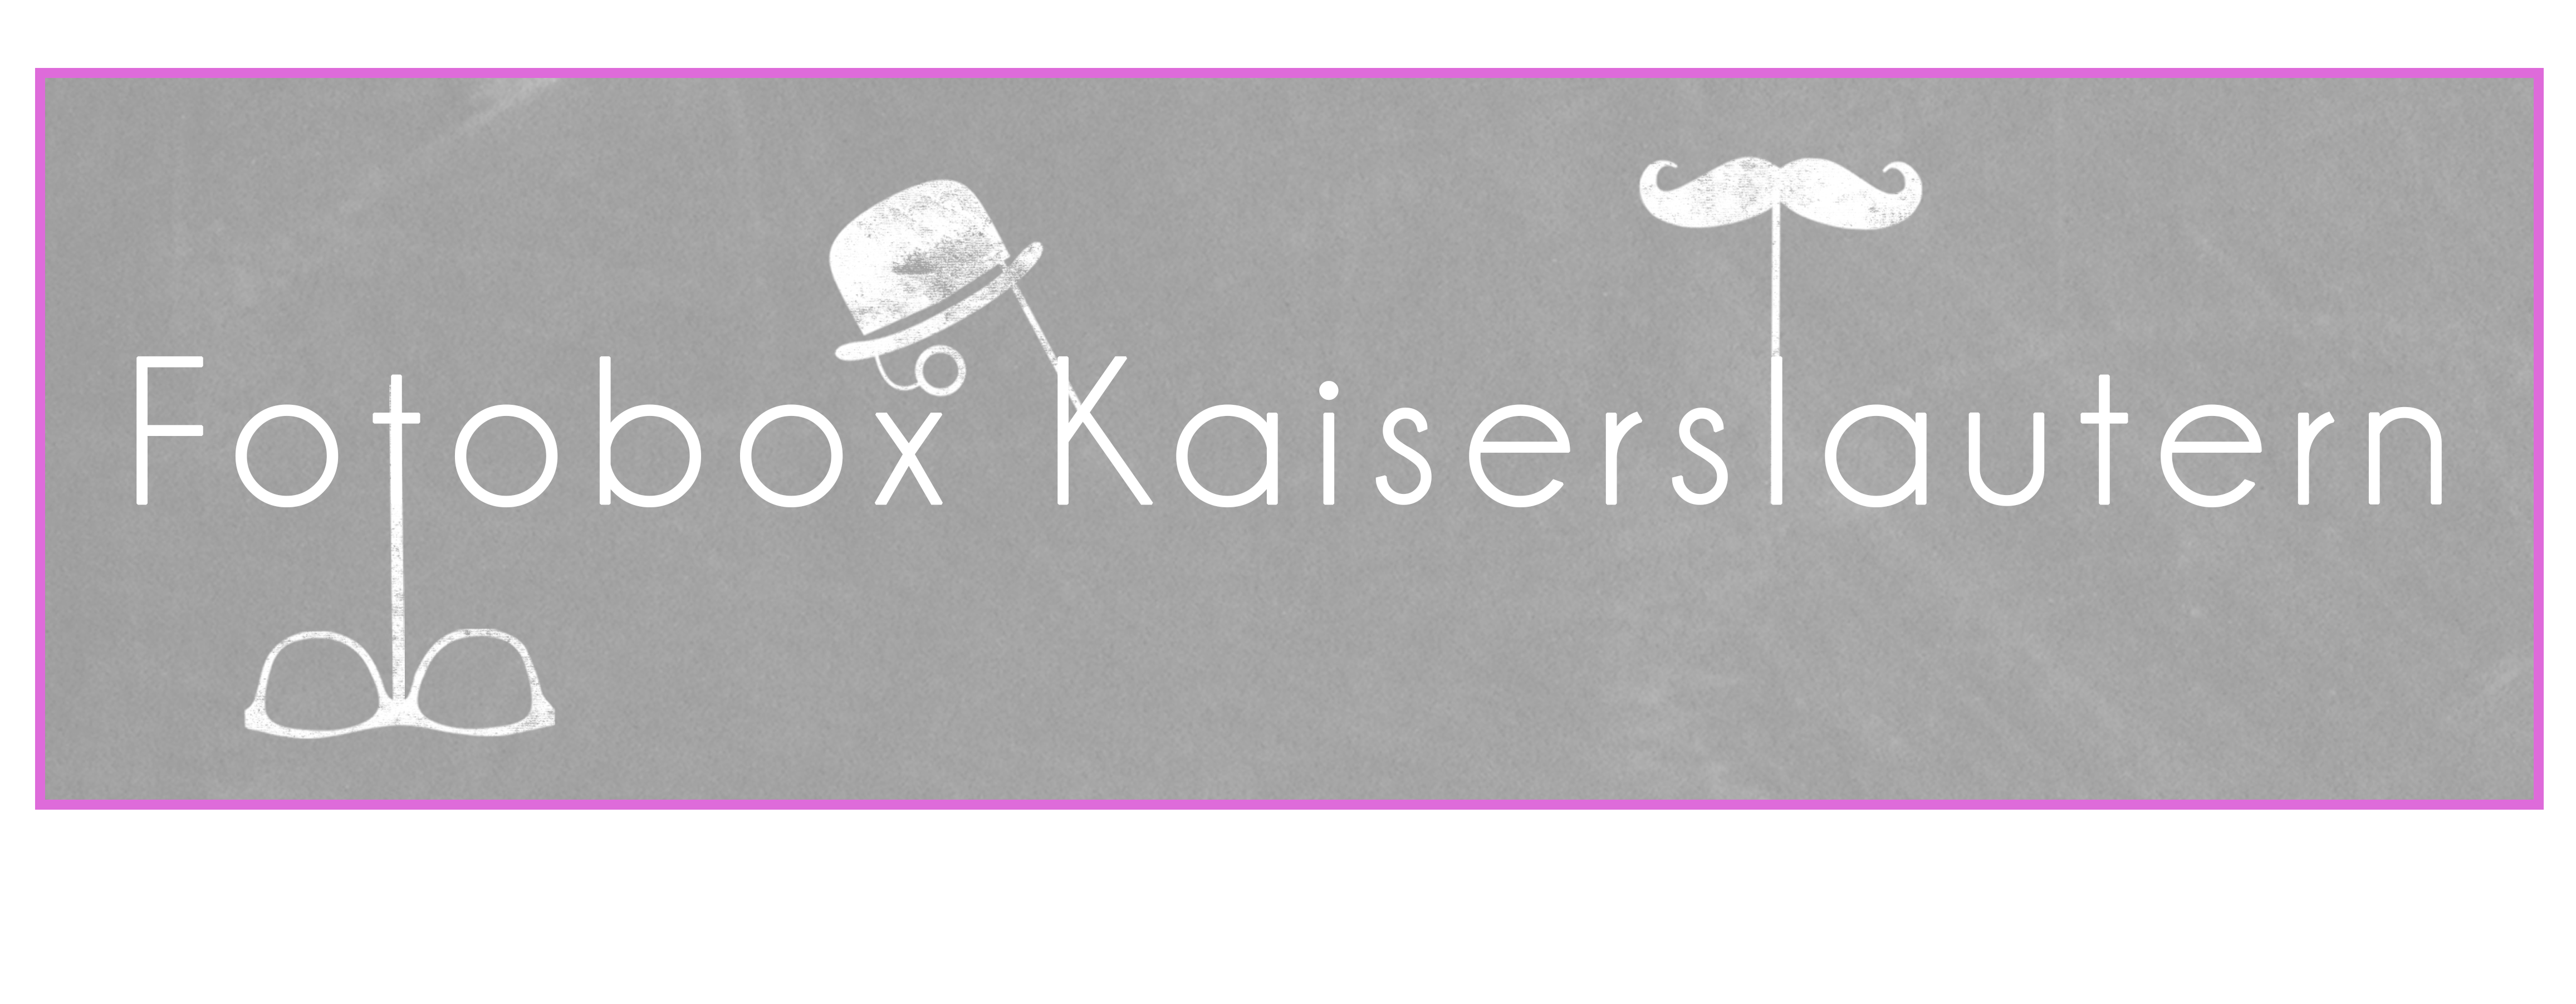 Fotobox Kaiserslautern